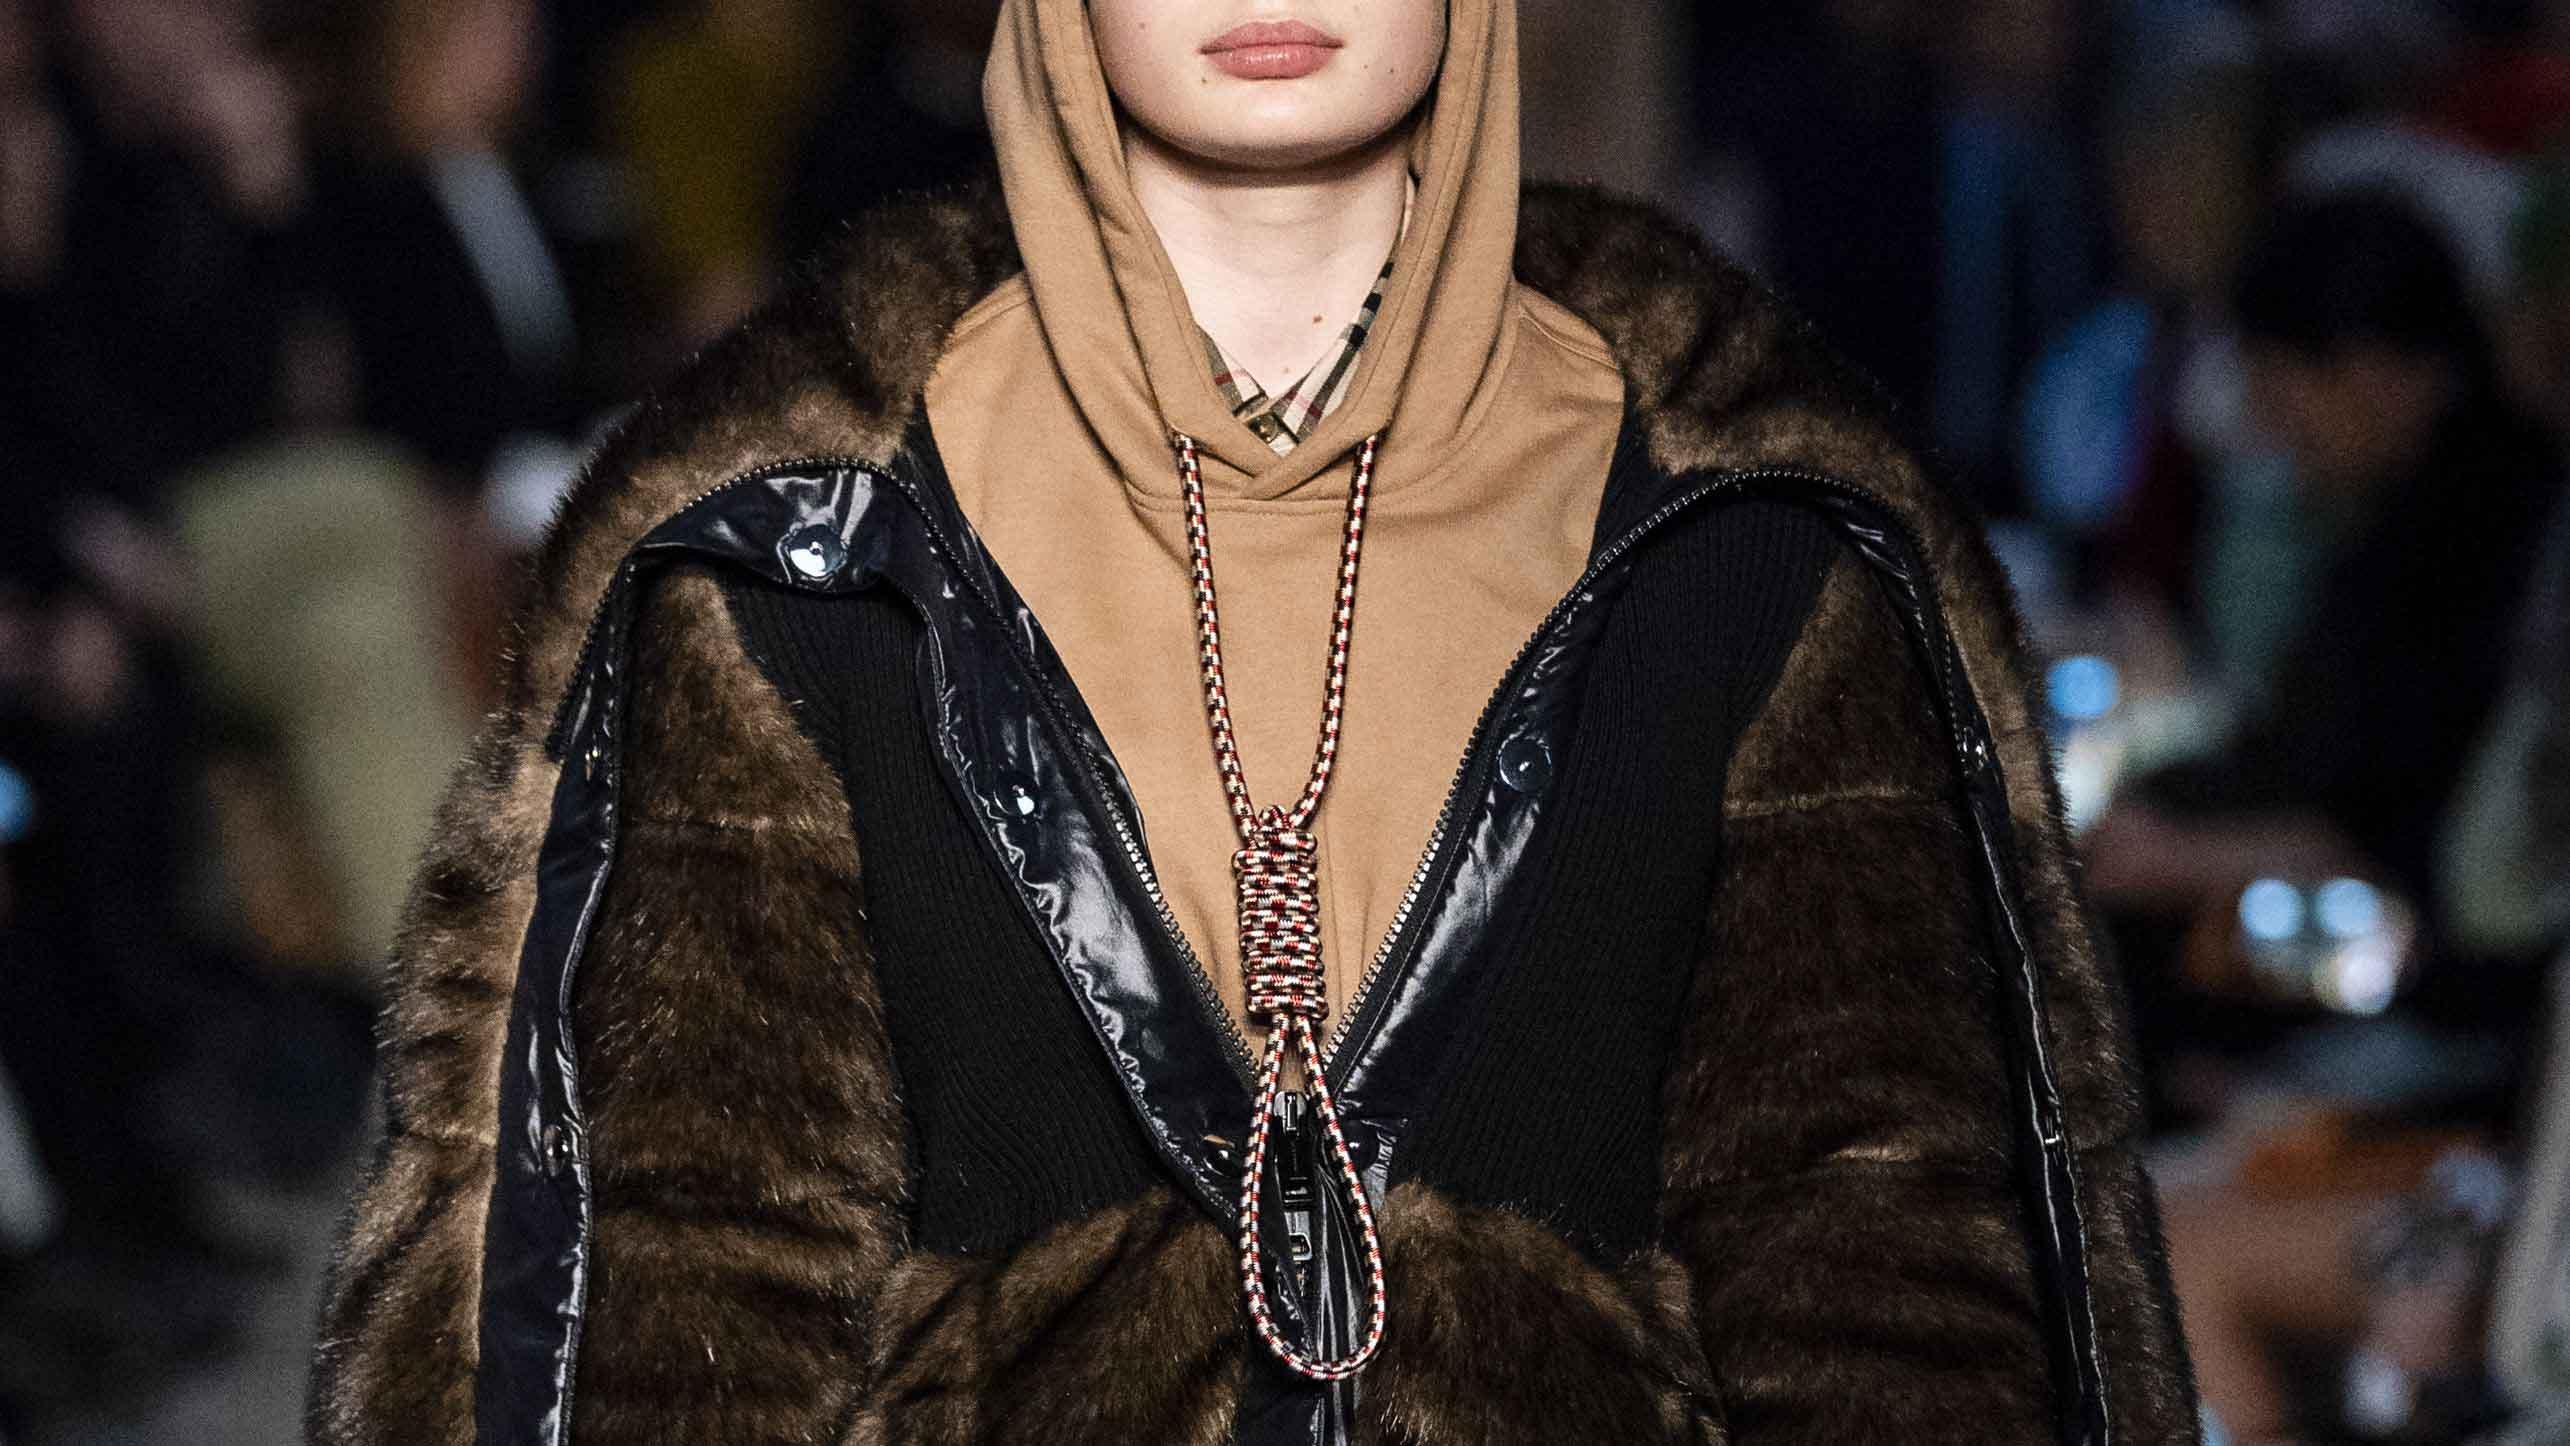 Le crisi di Gucci, Prada e gli altri luxury brand: quando i social dettano le regole alla creatività